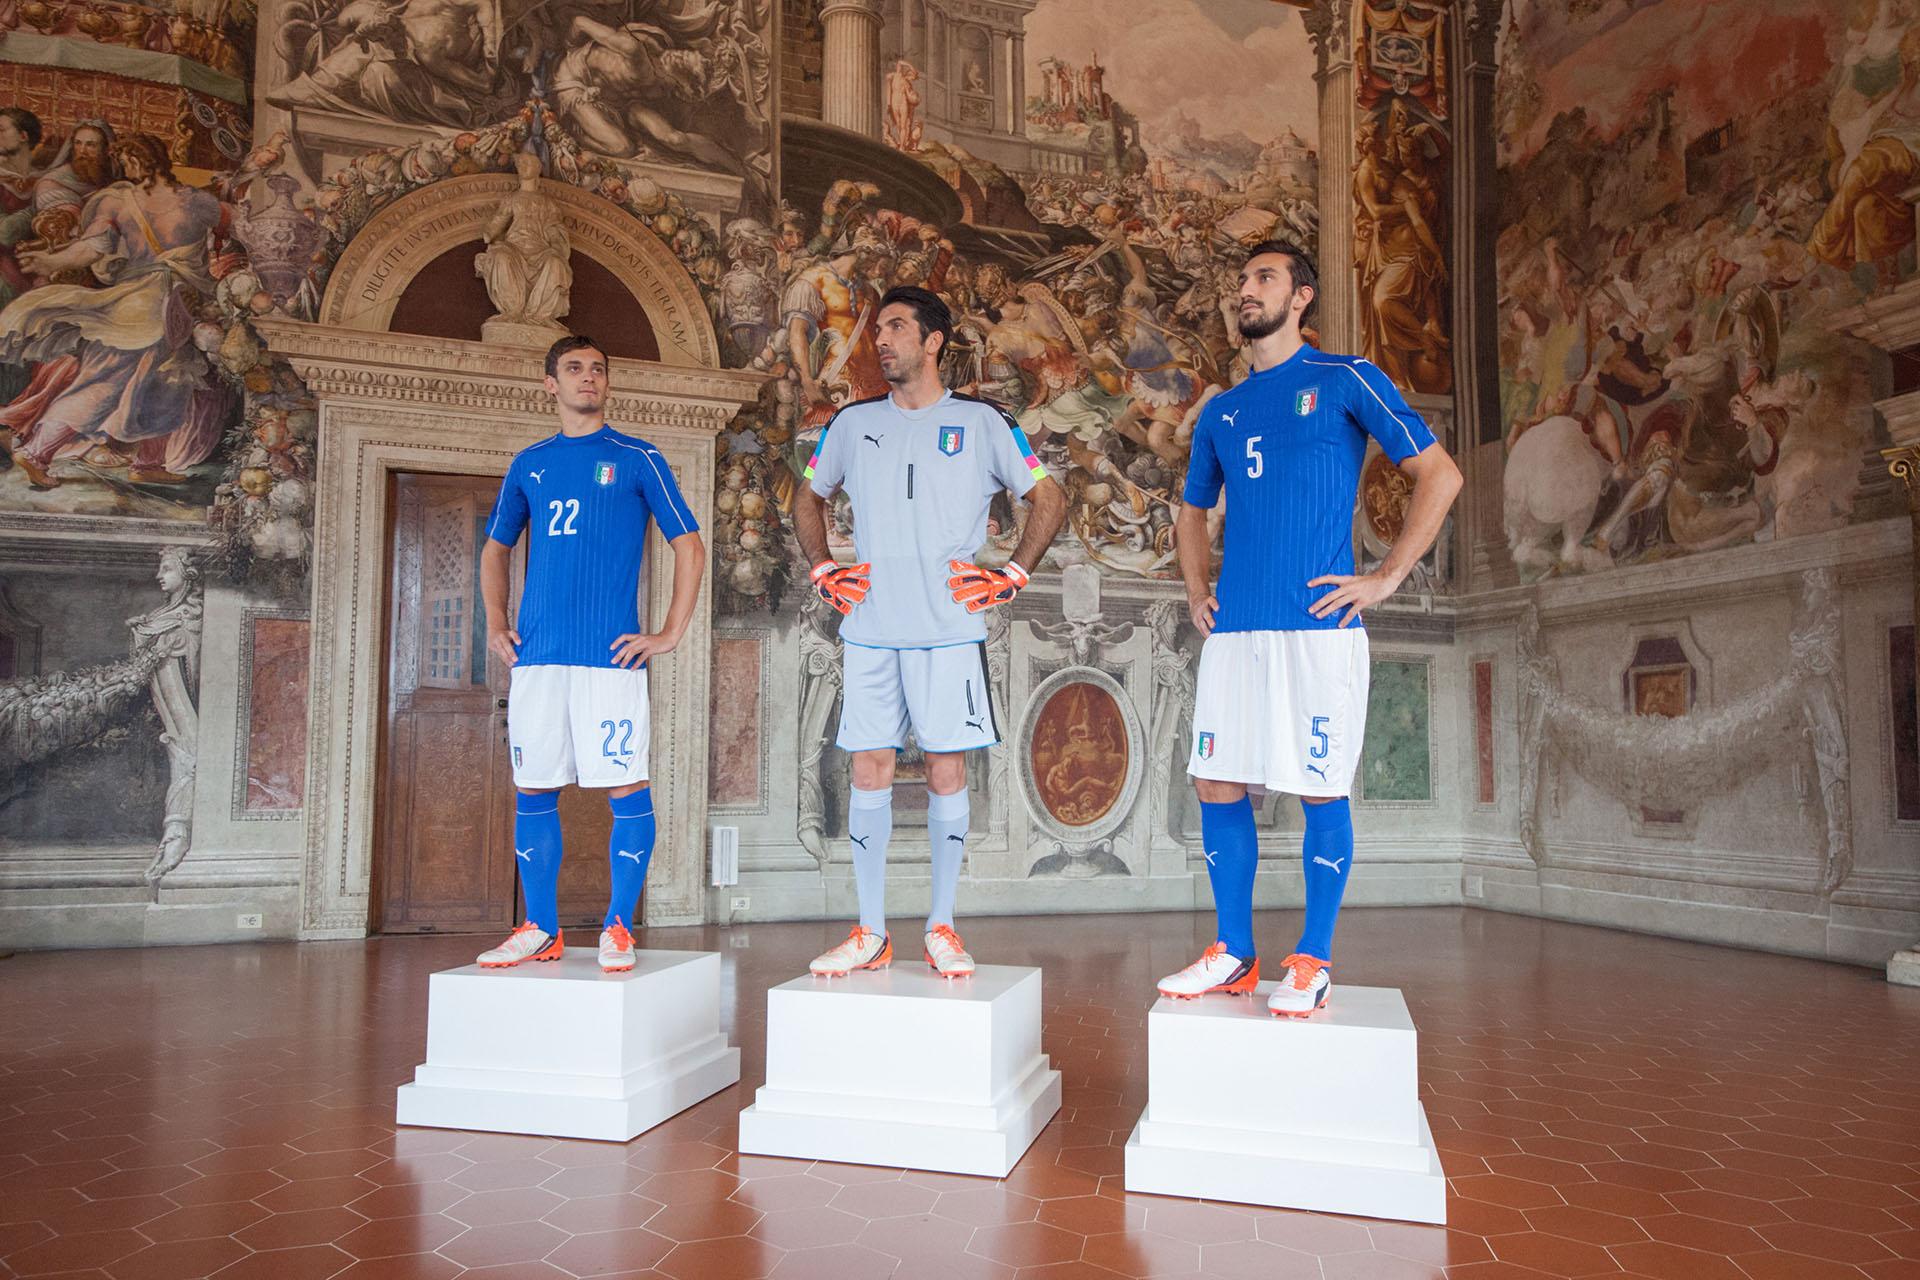 Puma Presentazione maglia - Photo: © Andrea Pisapia / Spazio Orti 14